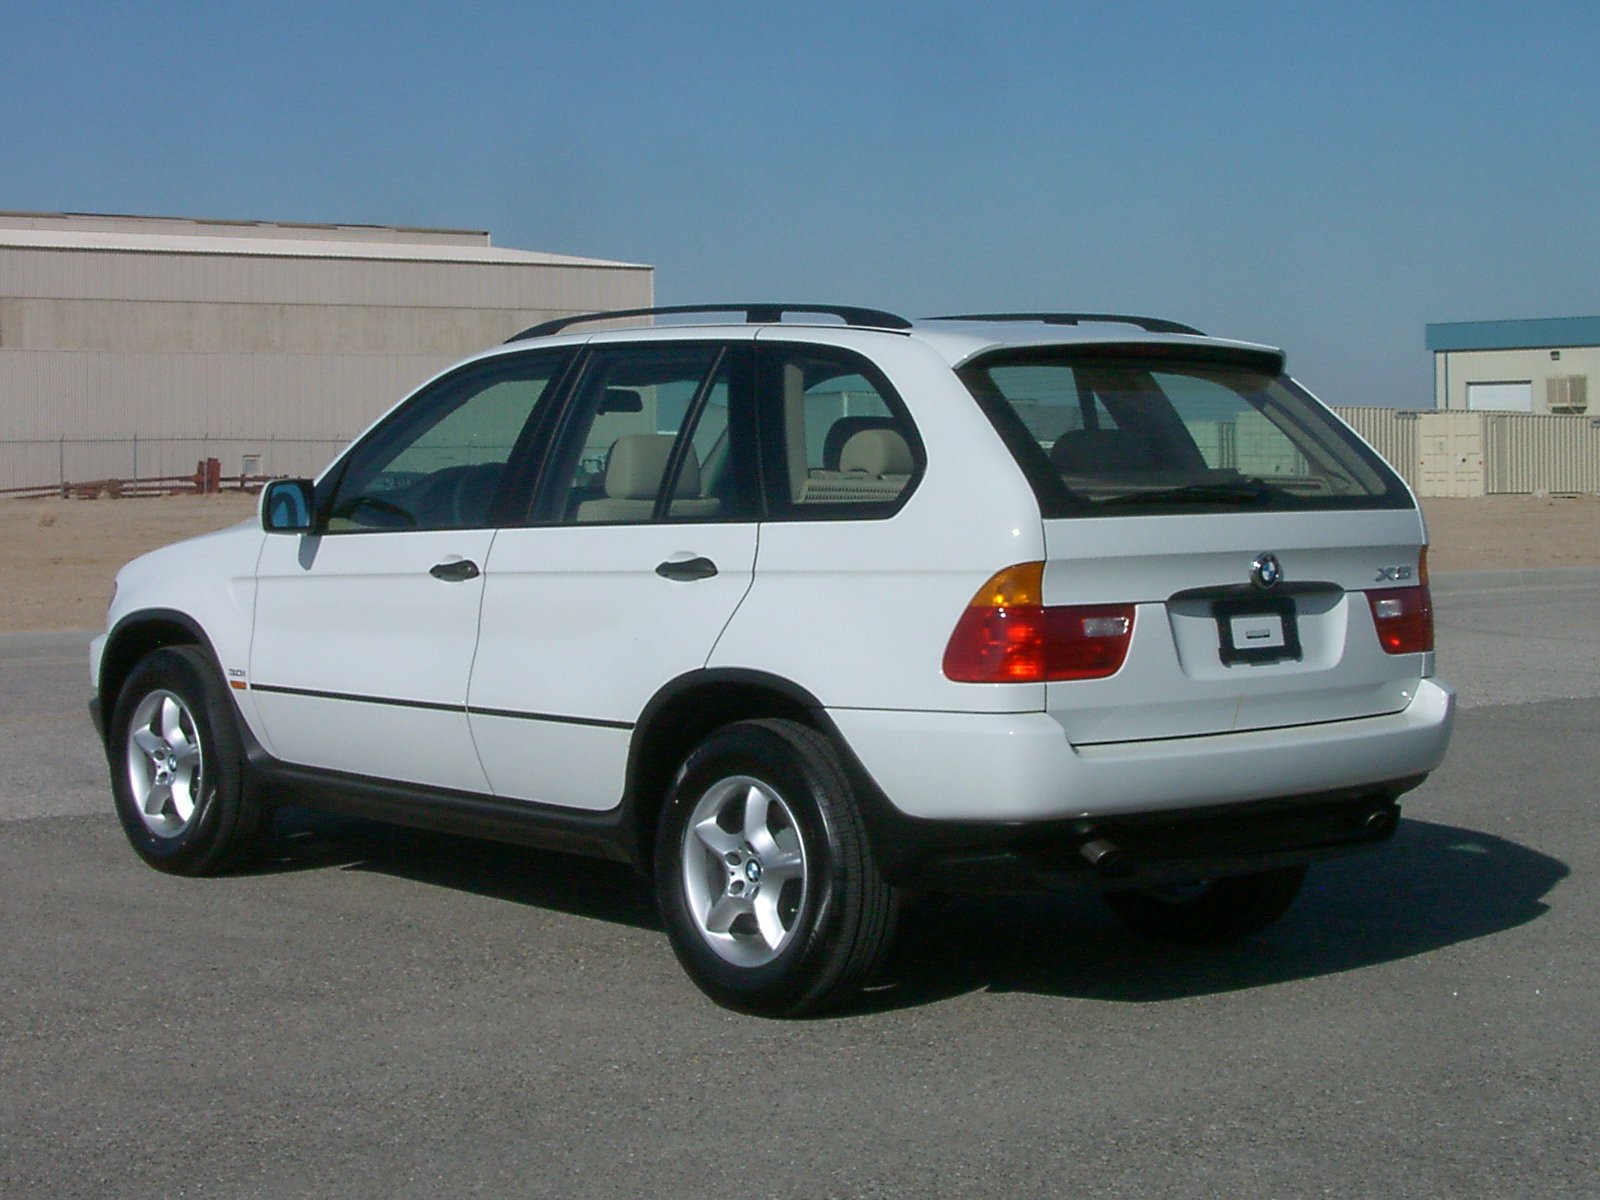 2003 BMW X5 #16 BMW X5 #16